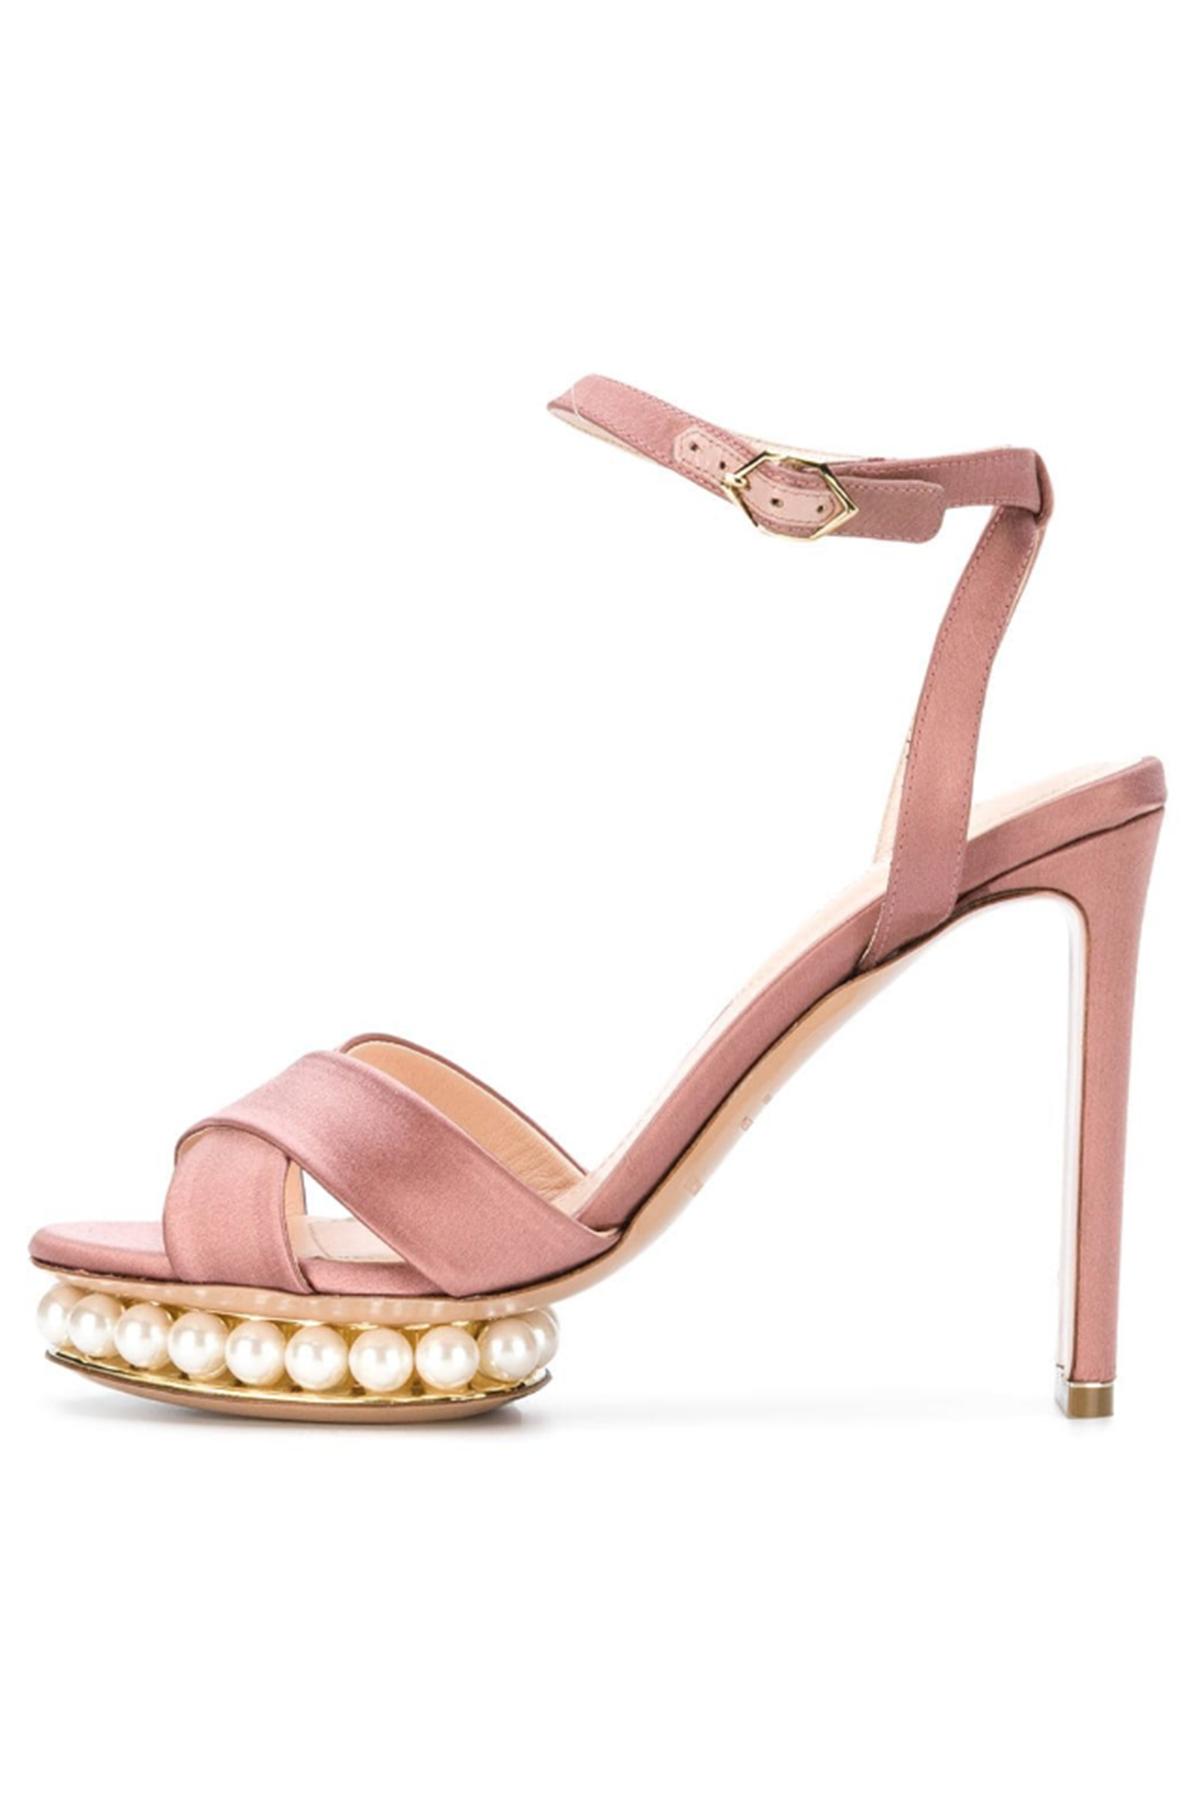 nicholas-kirkwood-casati-pearl-platform-sandal-in-dusty-pink-side.png